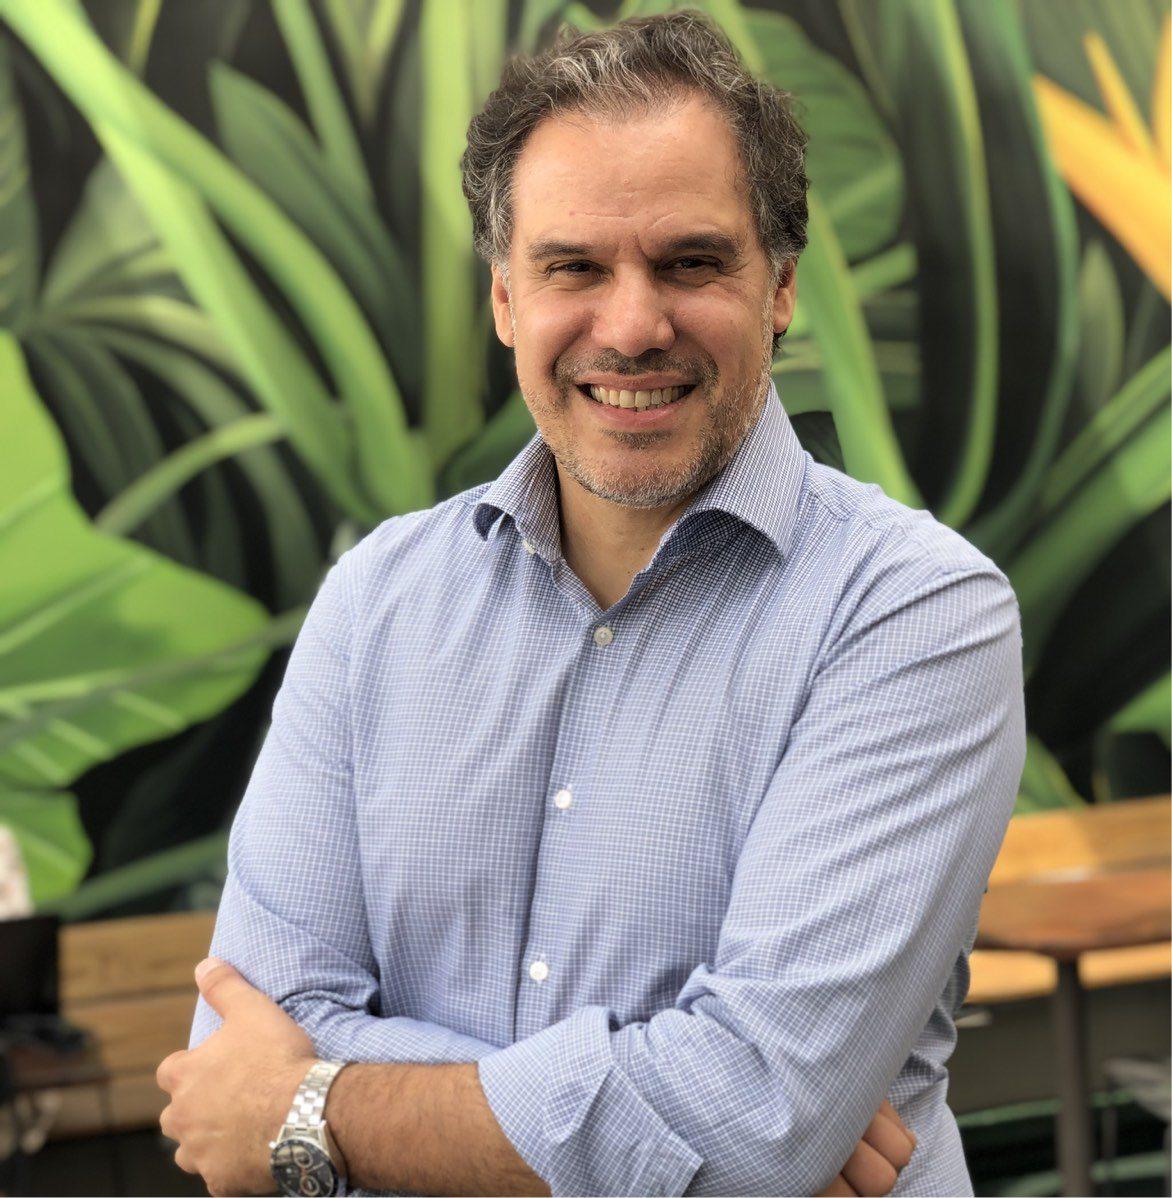 Carlos Rubinstein